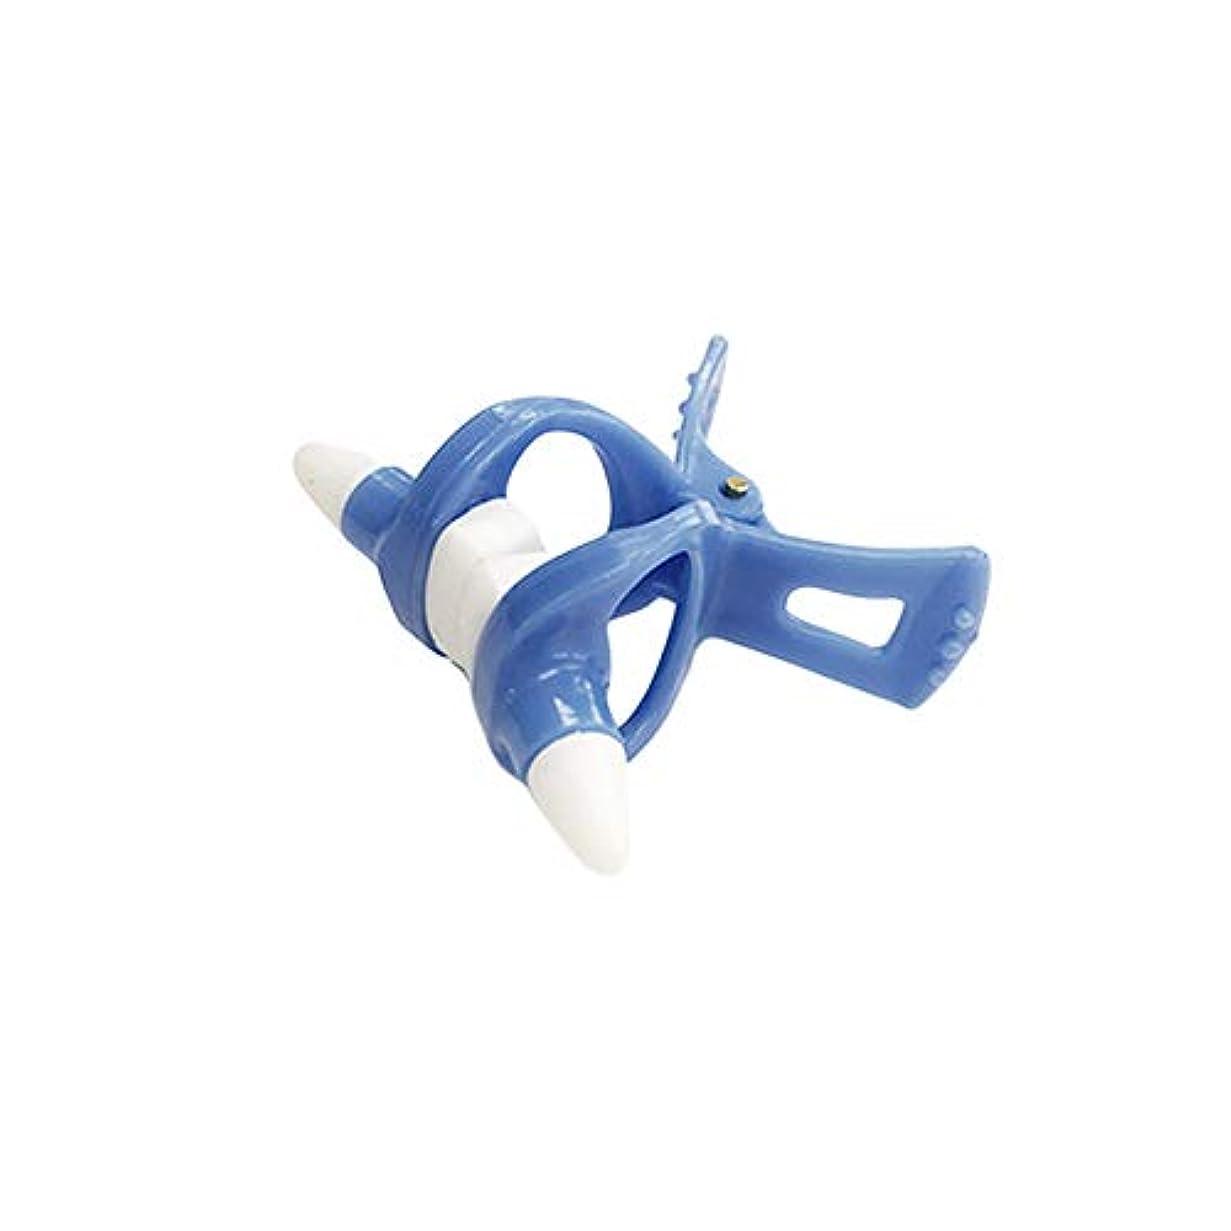 段階メカニック十一[jolifavori]鼻を高くするための矯正クリップ 鼻高々ノーズアップ 美容グッズ